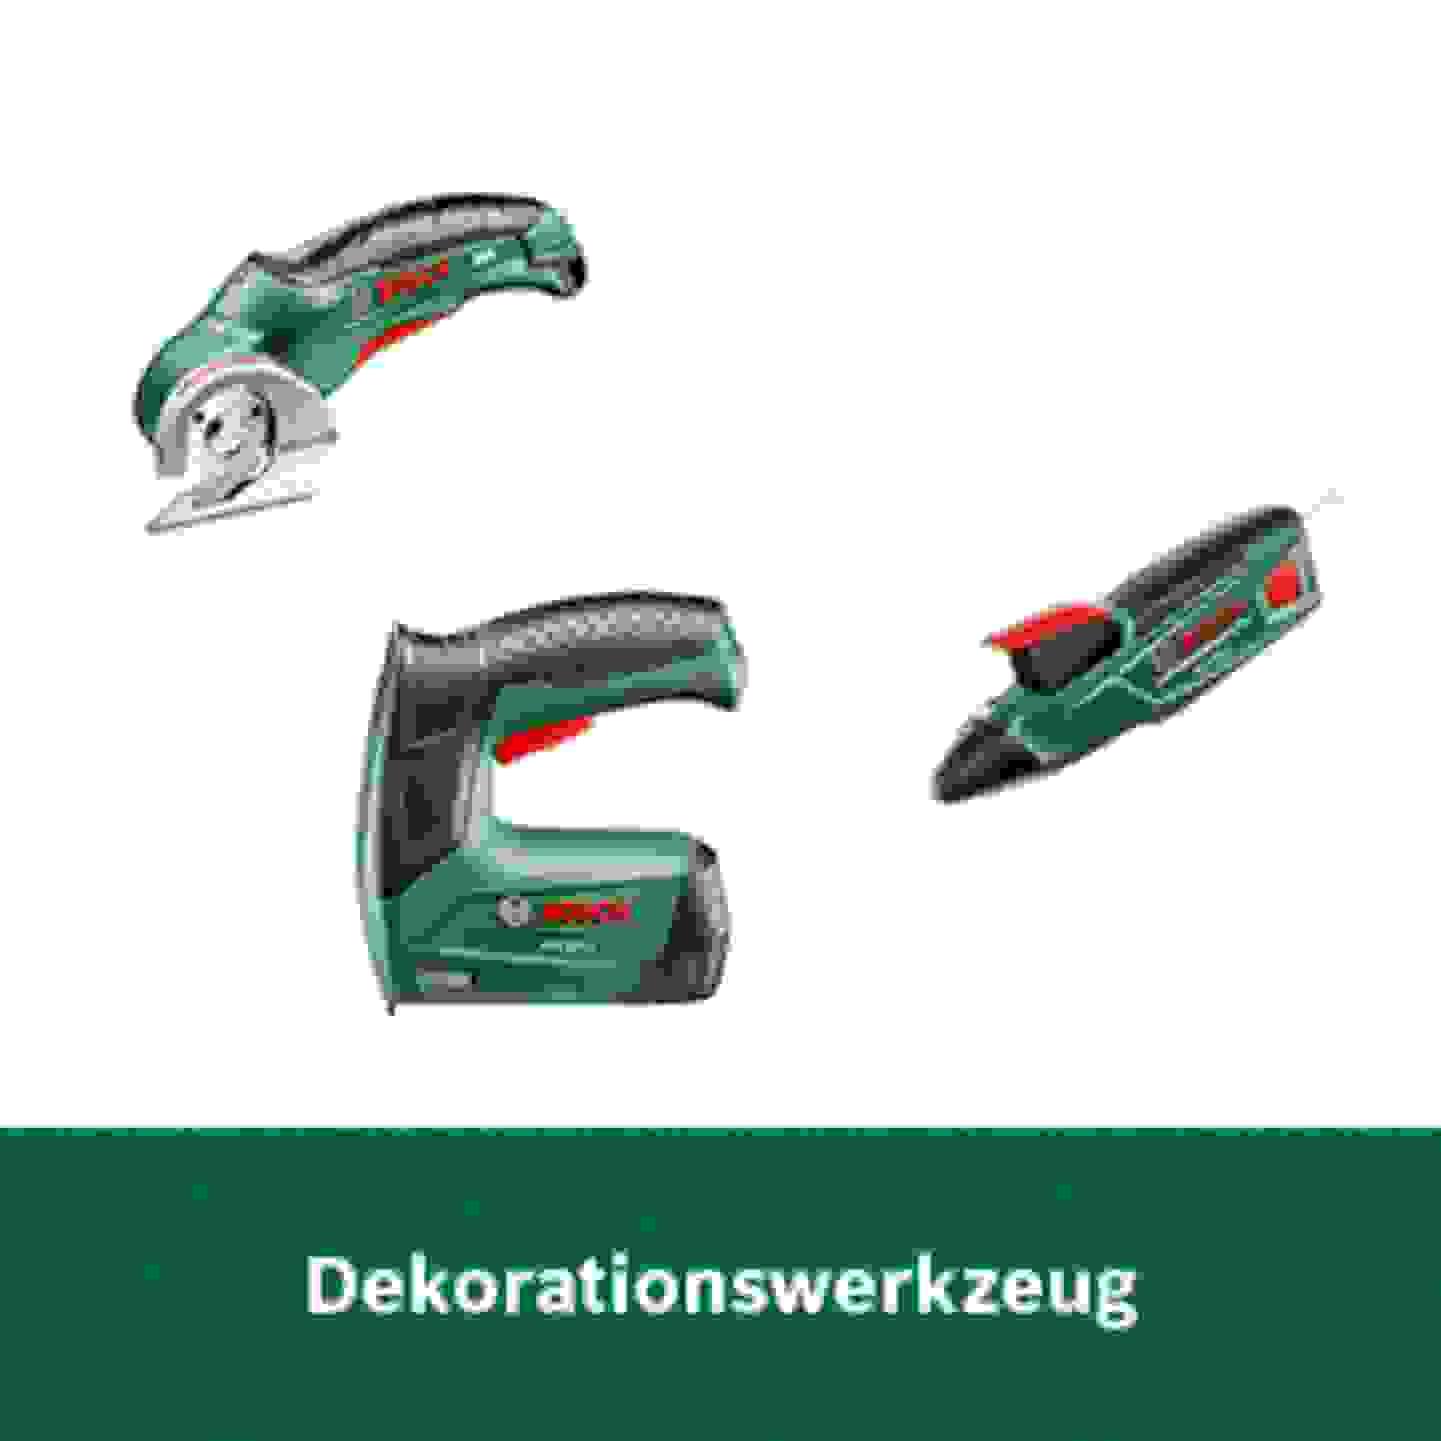 Bosch Dekorationswerkzeug